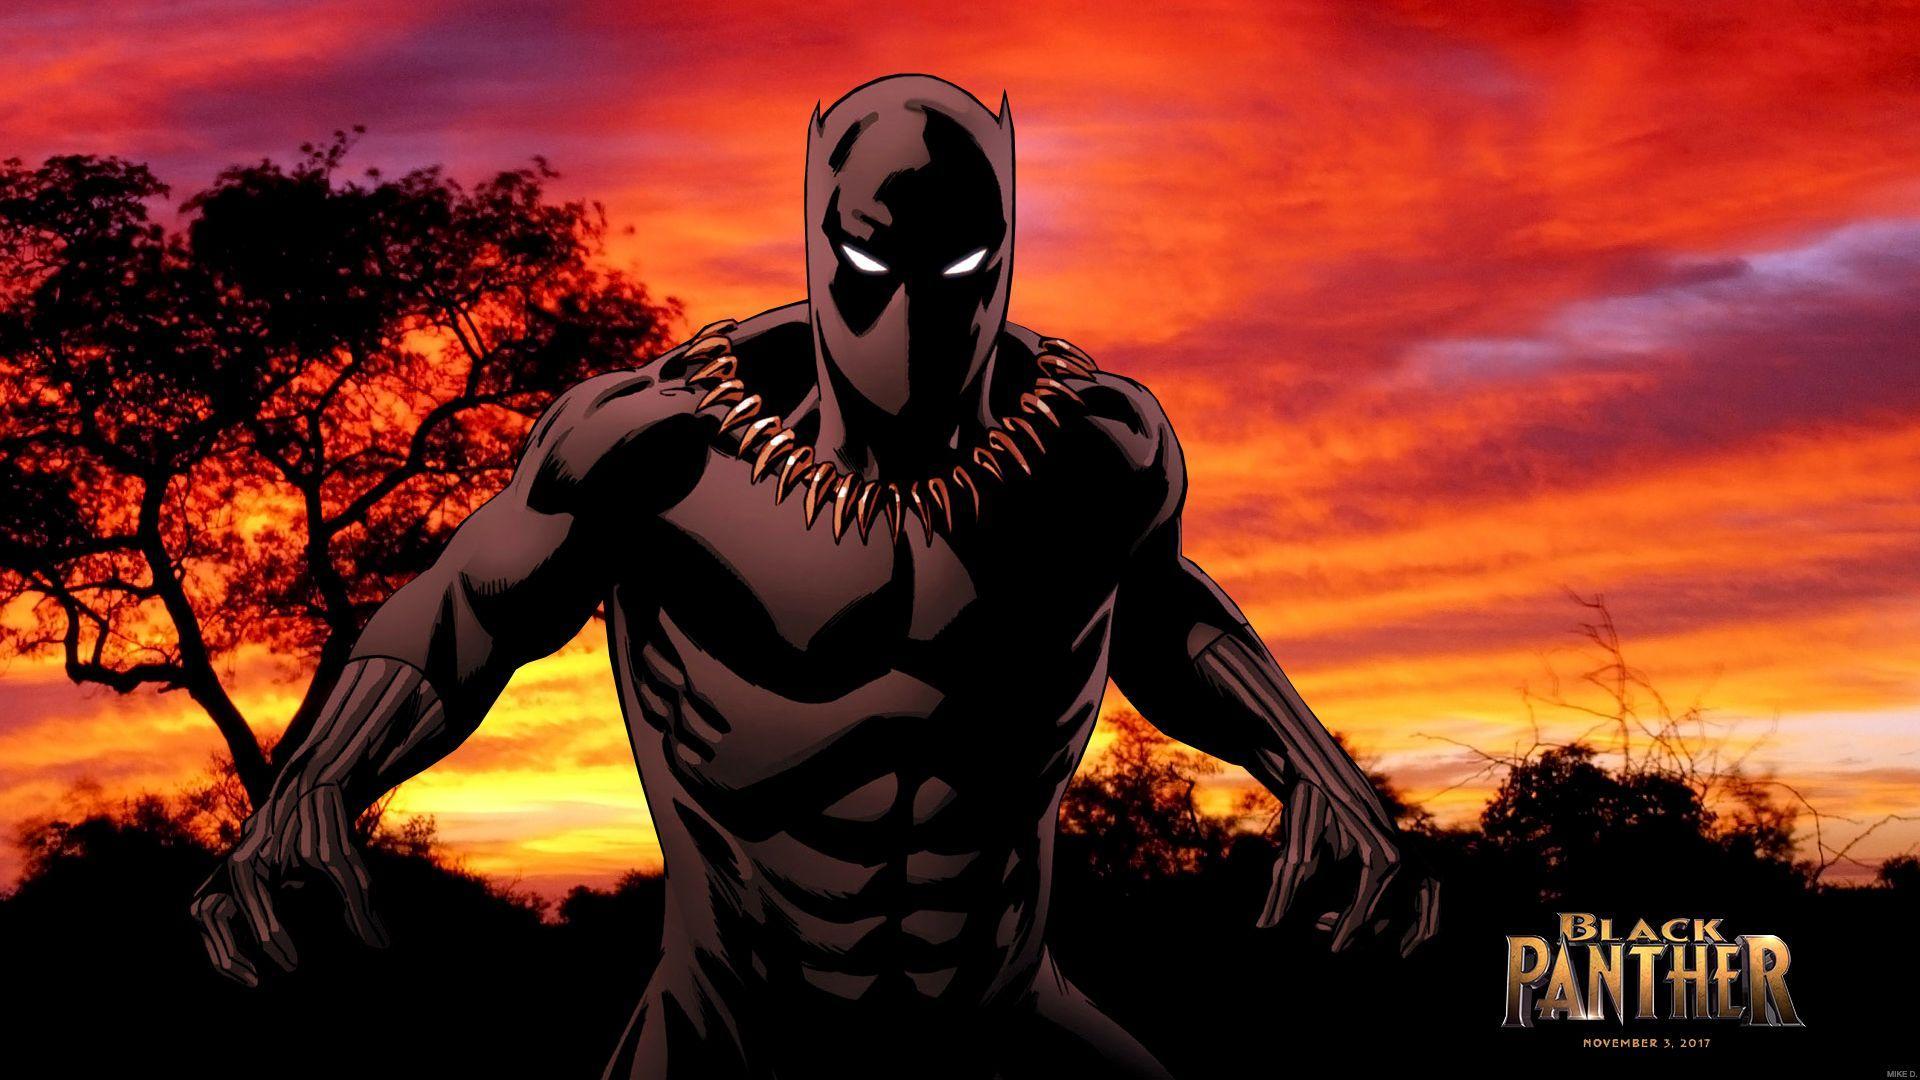 Black Panther Wallpaper Marvel: Marvel Comics Black Panther Wallpapers